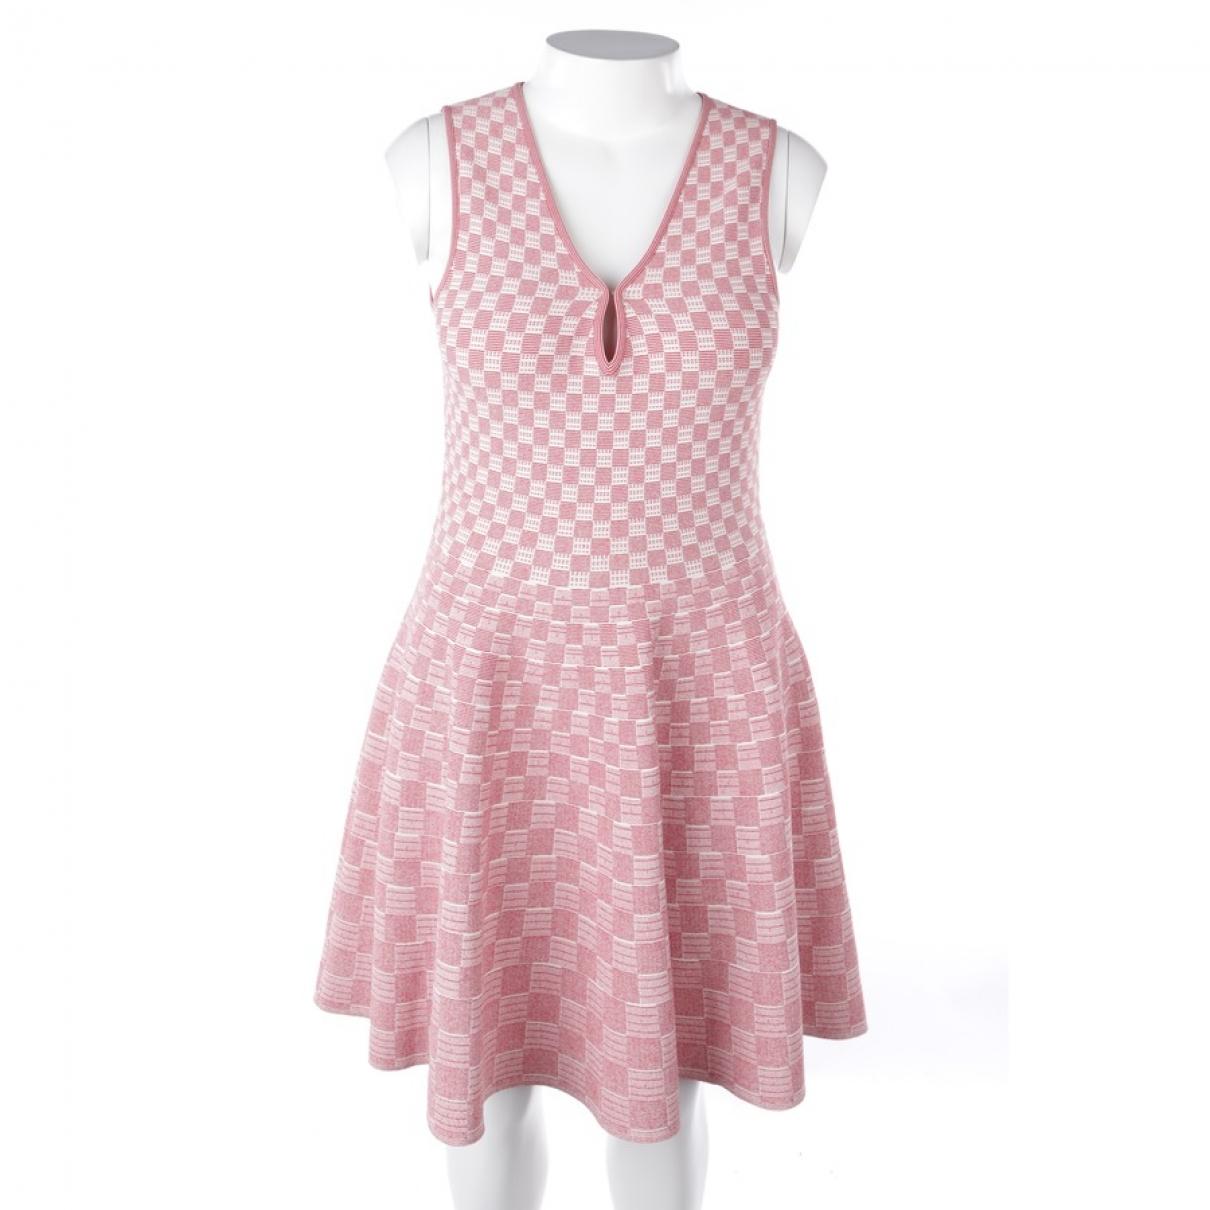 Alexander Mcqueen \N Red dress for Women L